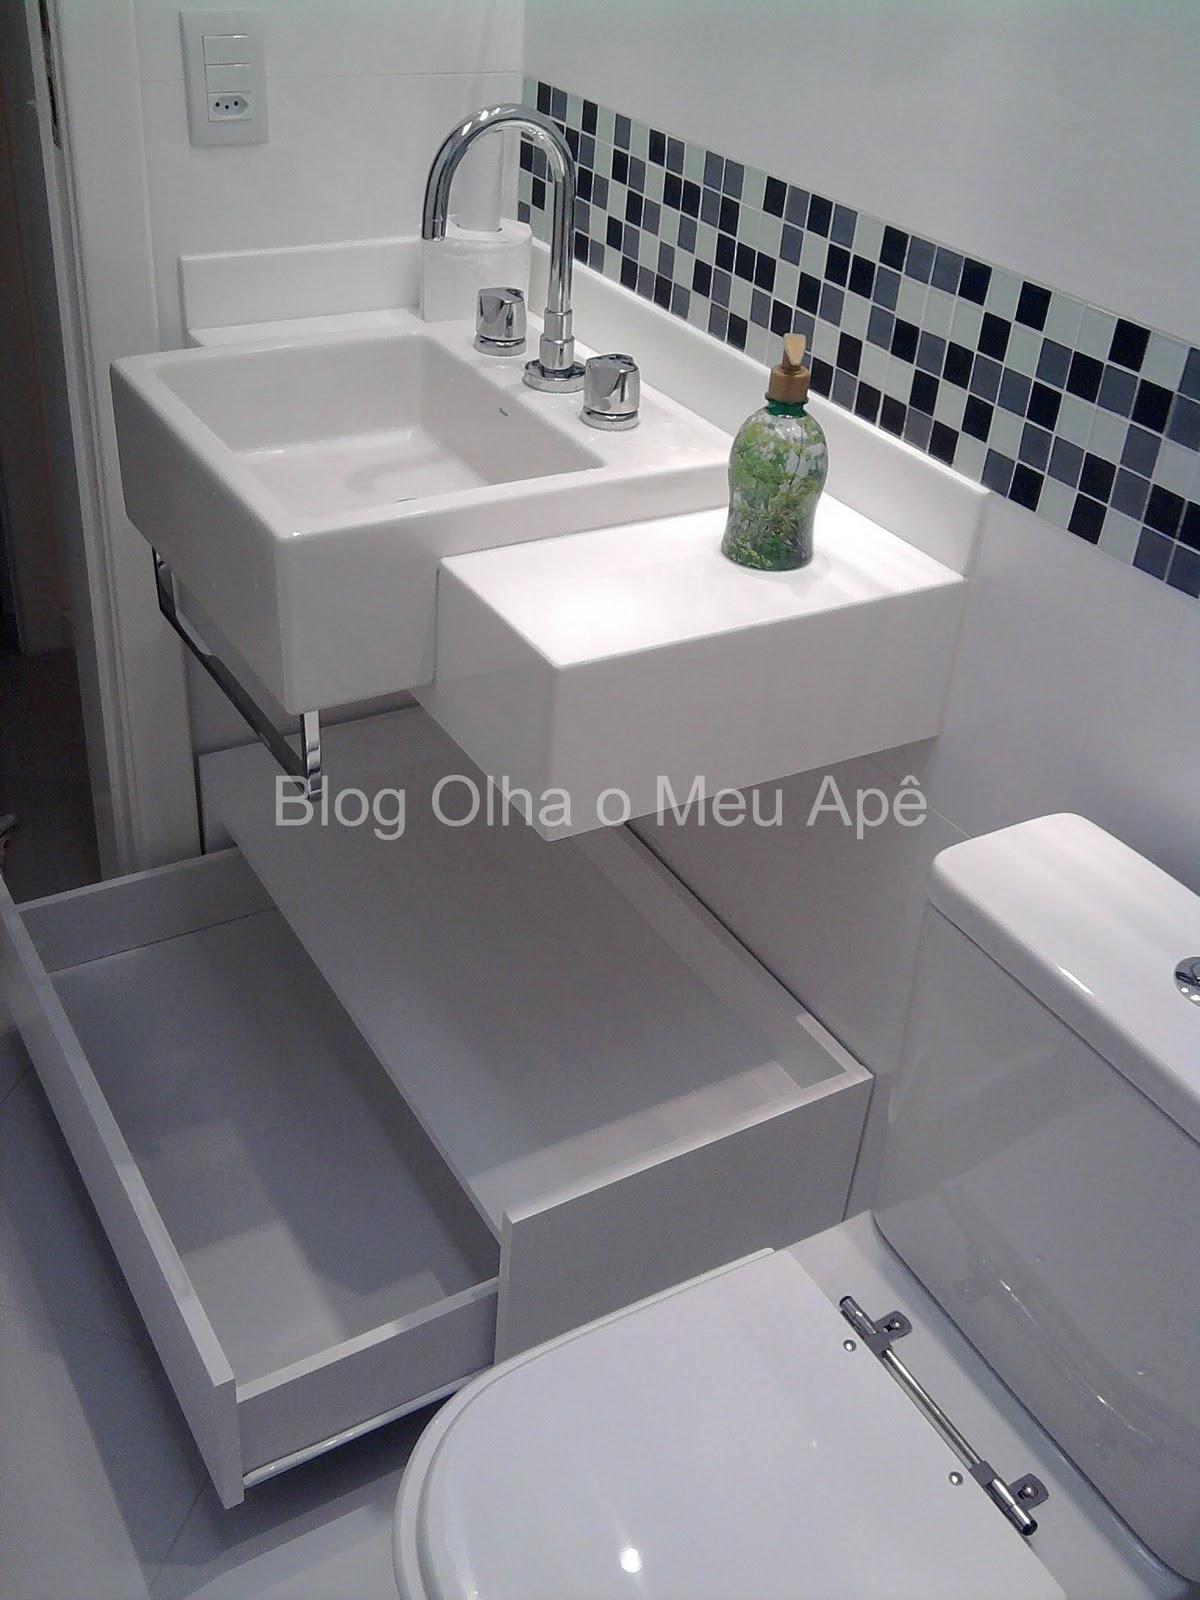 OLHA O MEU APÊ Móvel do banheiro e em busca de um sofá -> Banheiro Com Faixa De Pastilha Vertical